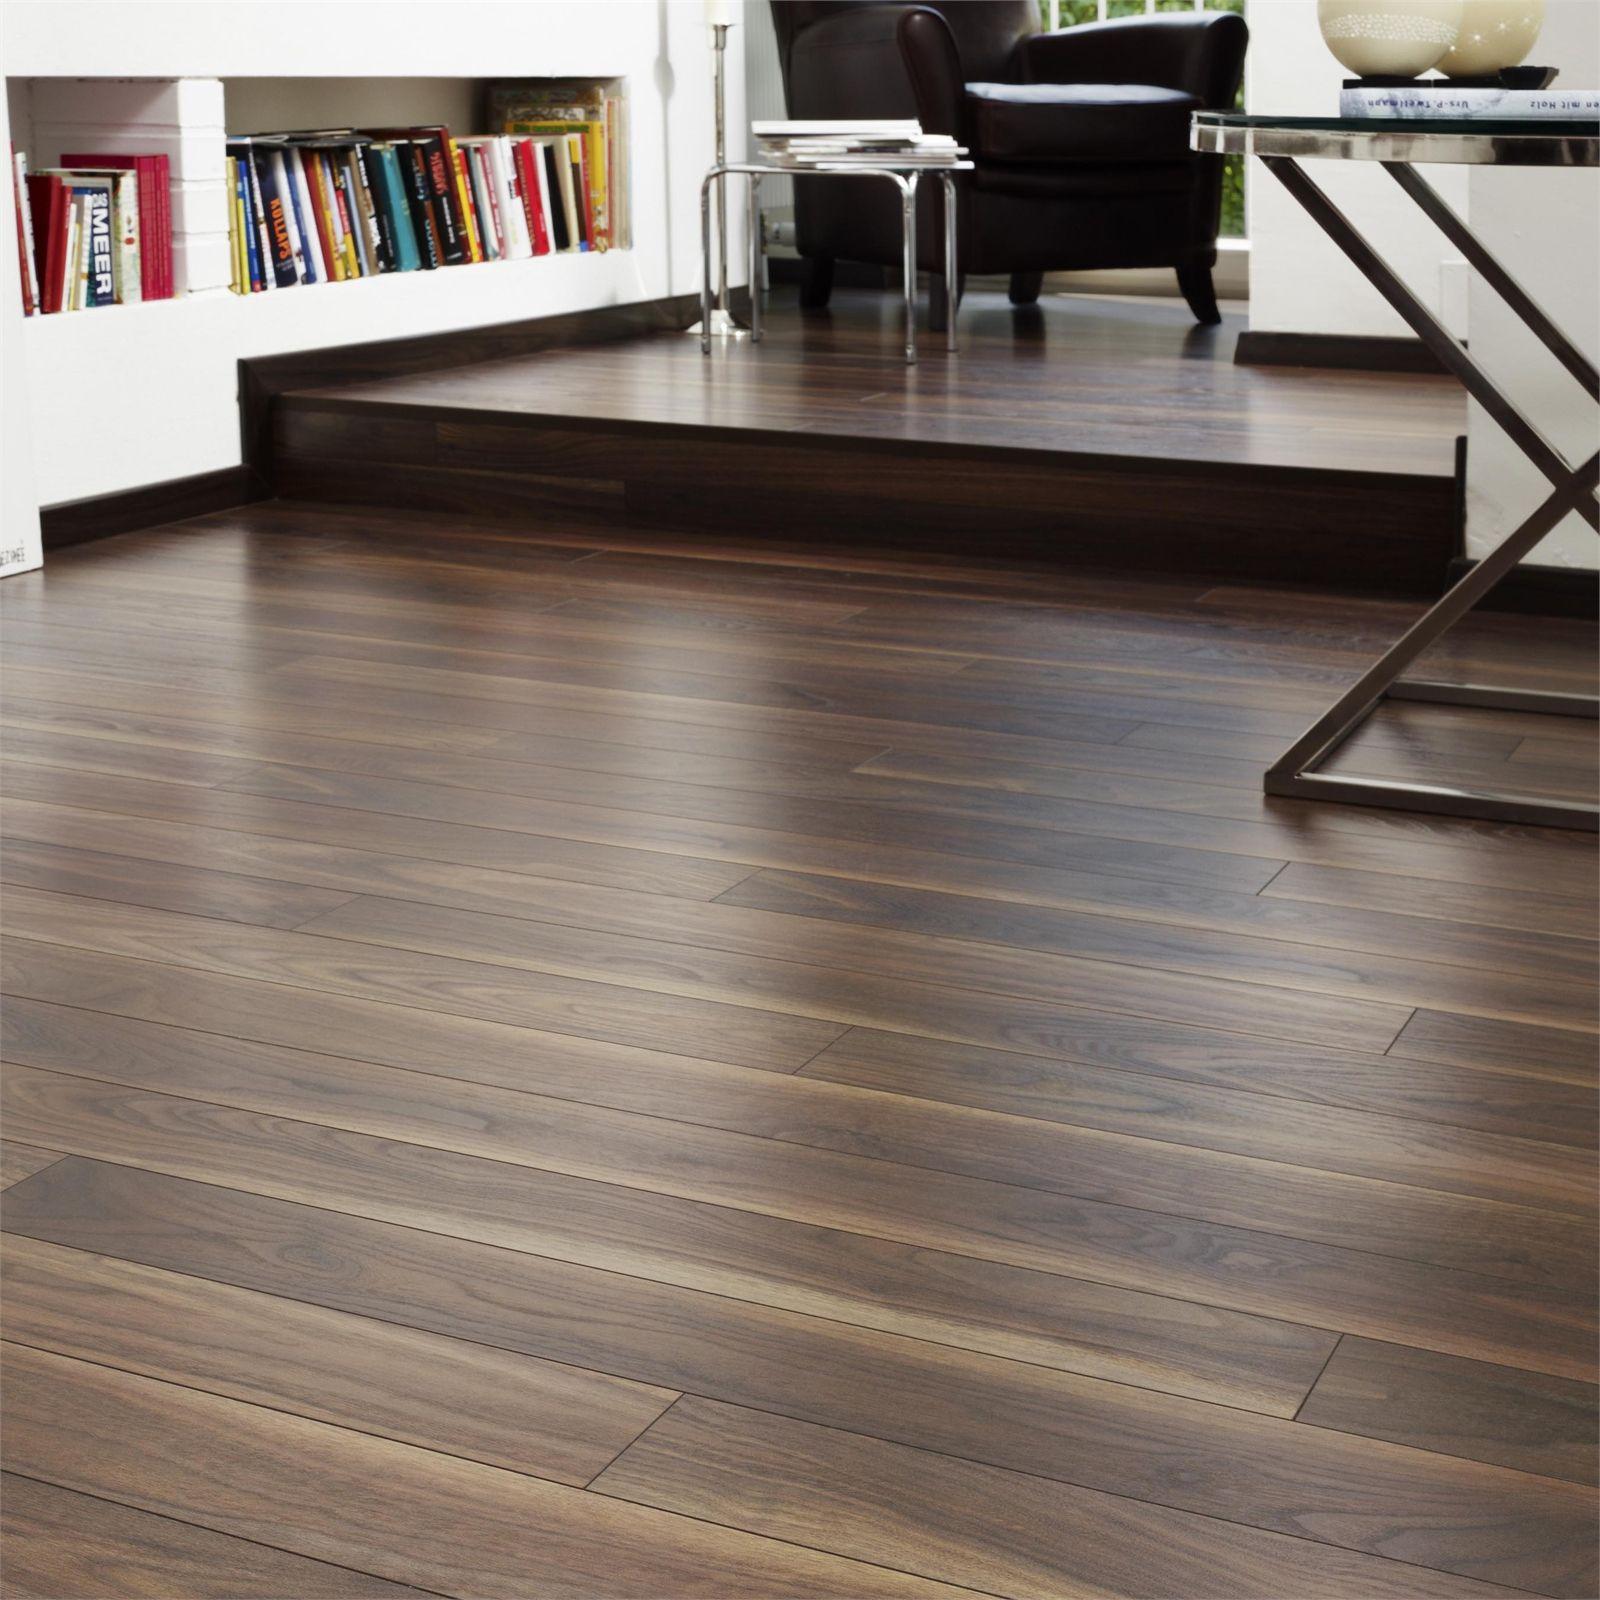 Dark Walnut Laminate Flooring Walnut laminate flooring